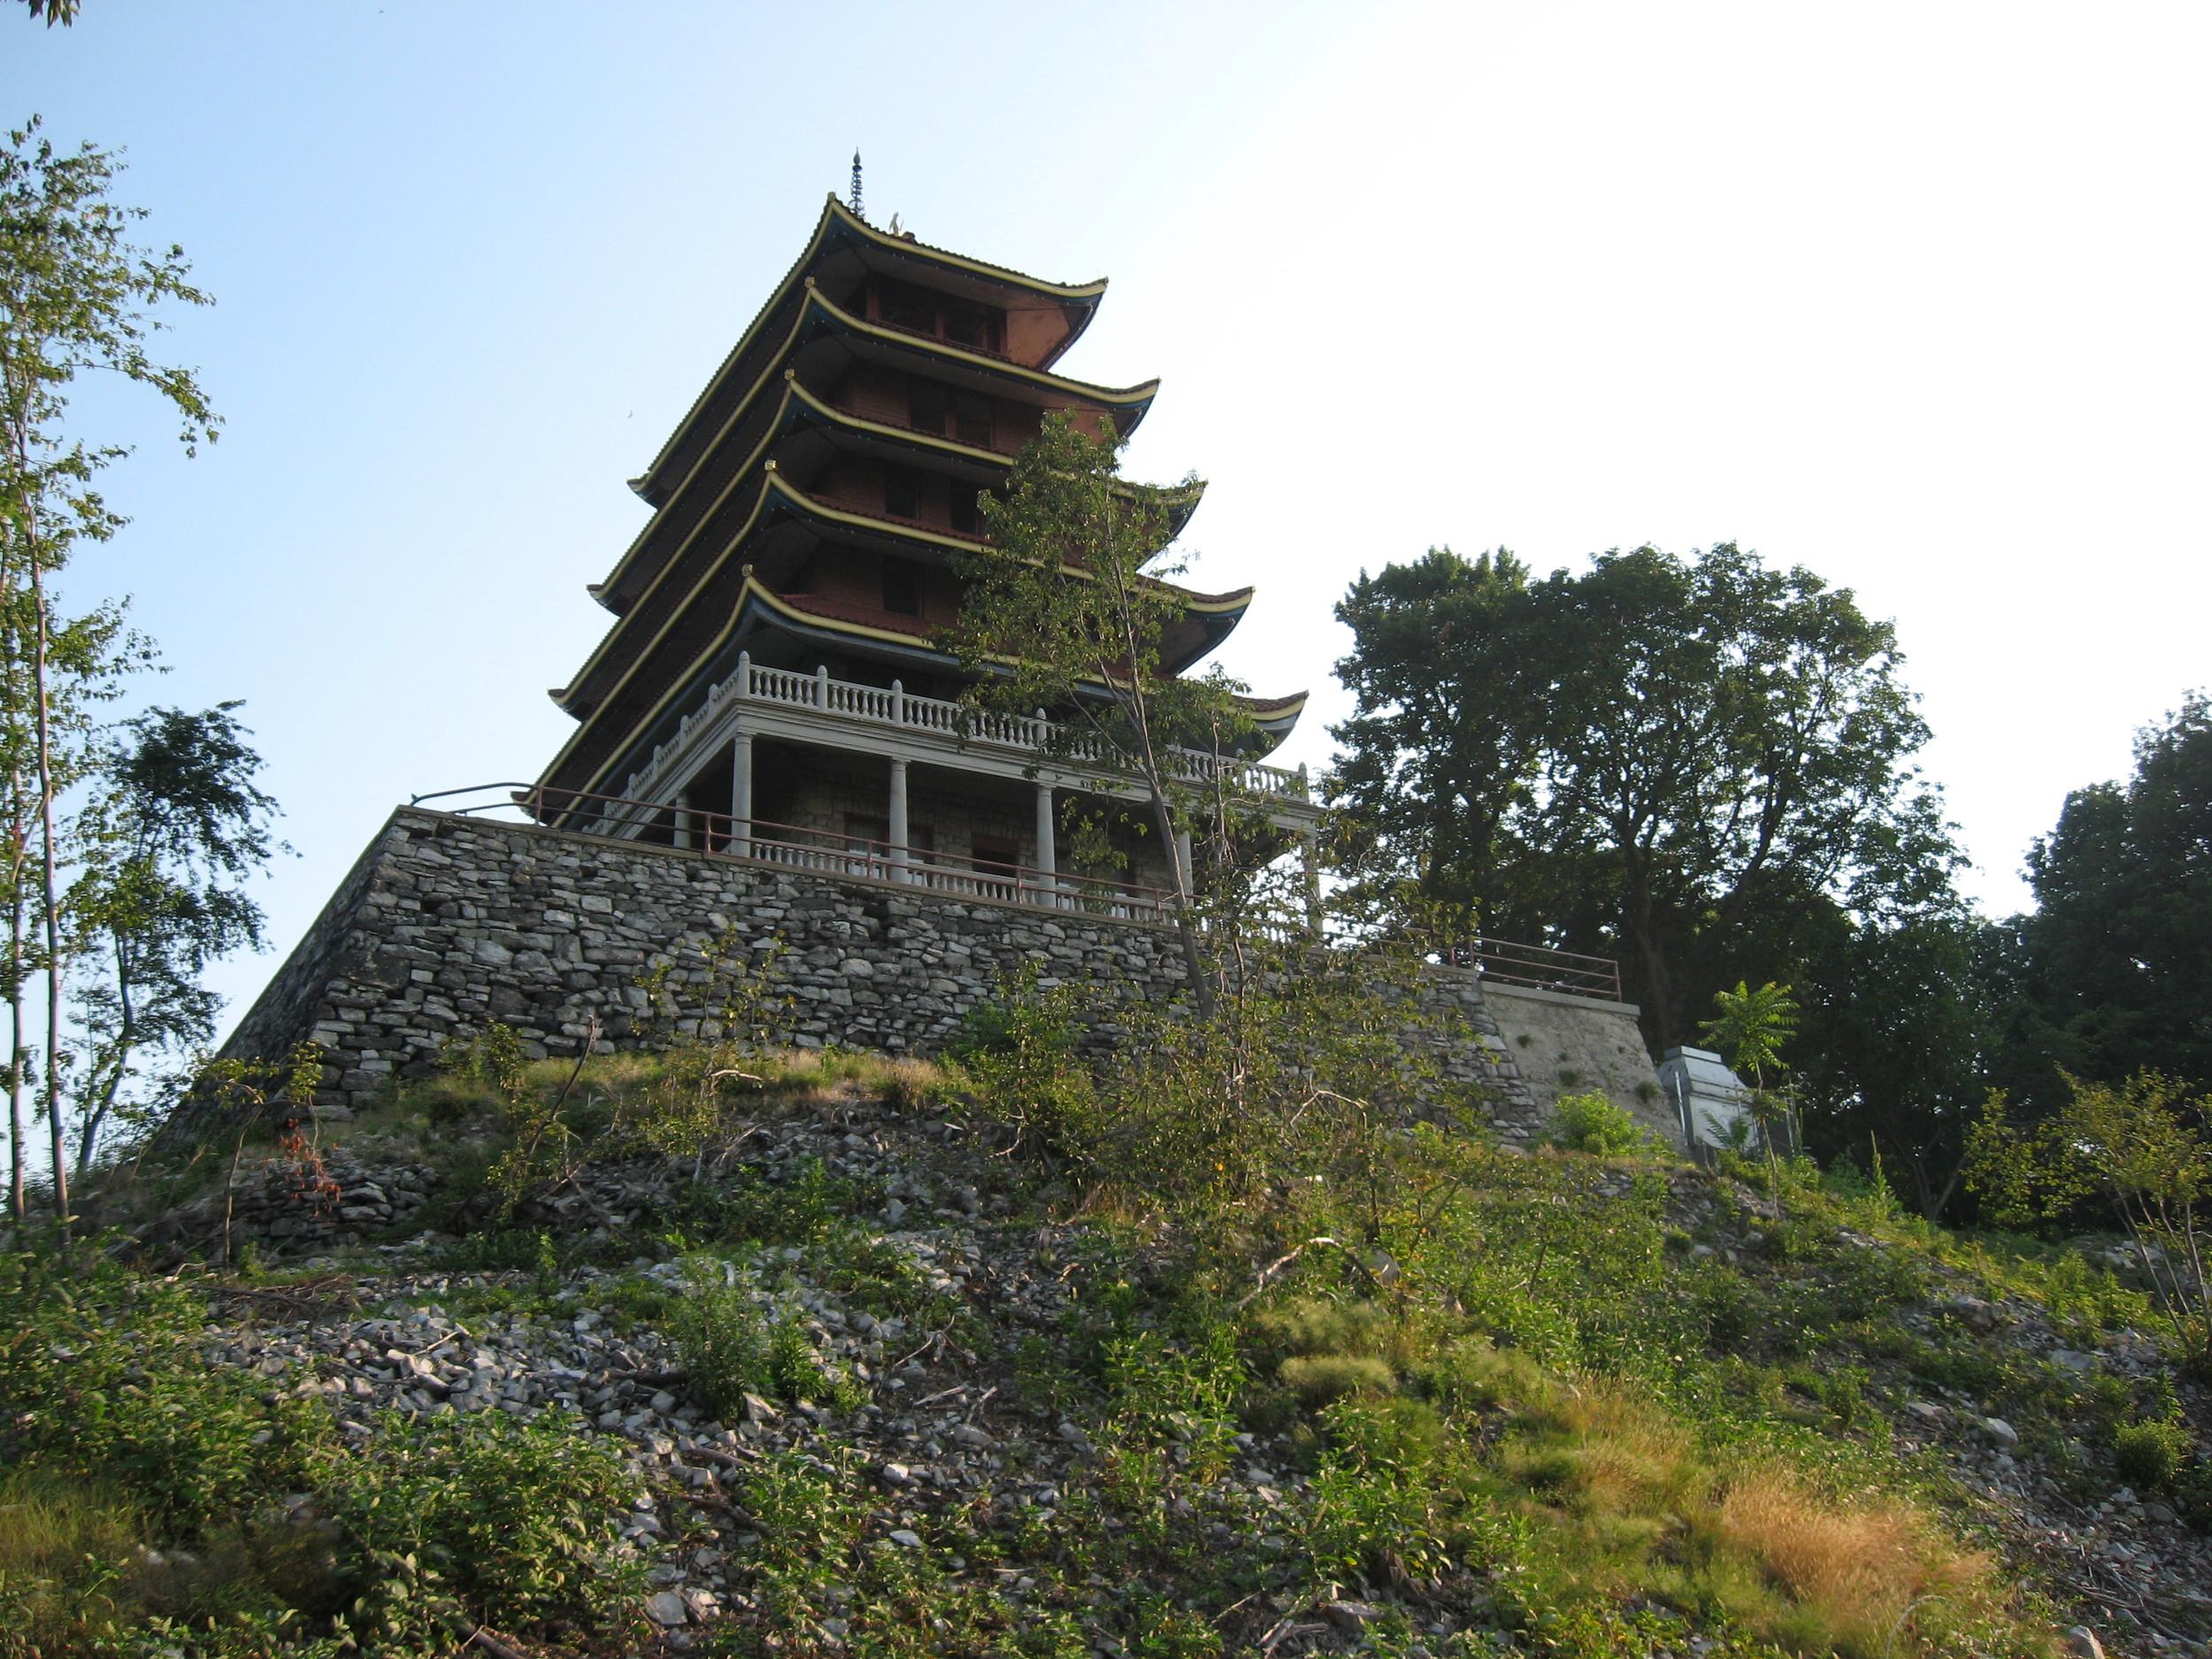 Reading Pagoda and Retaining Wall